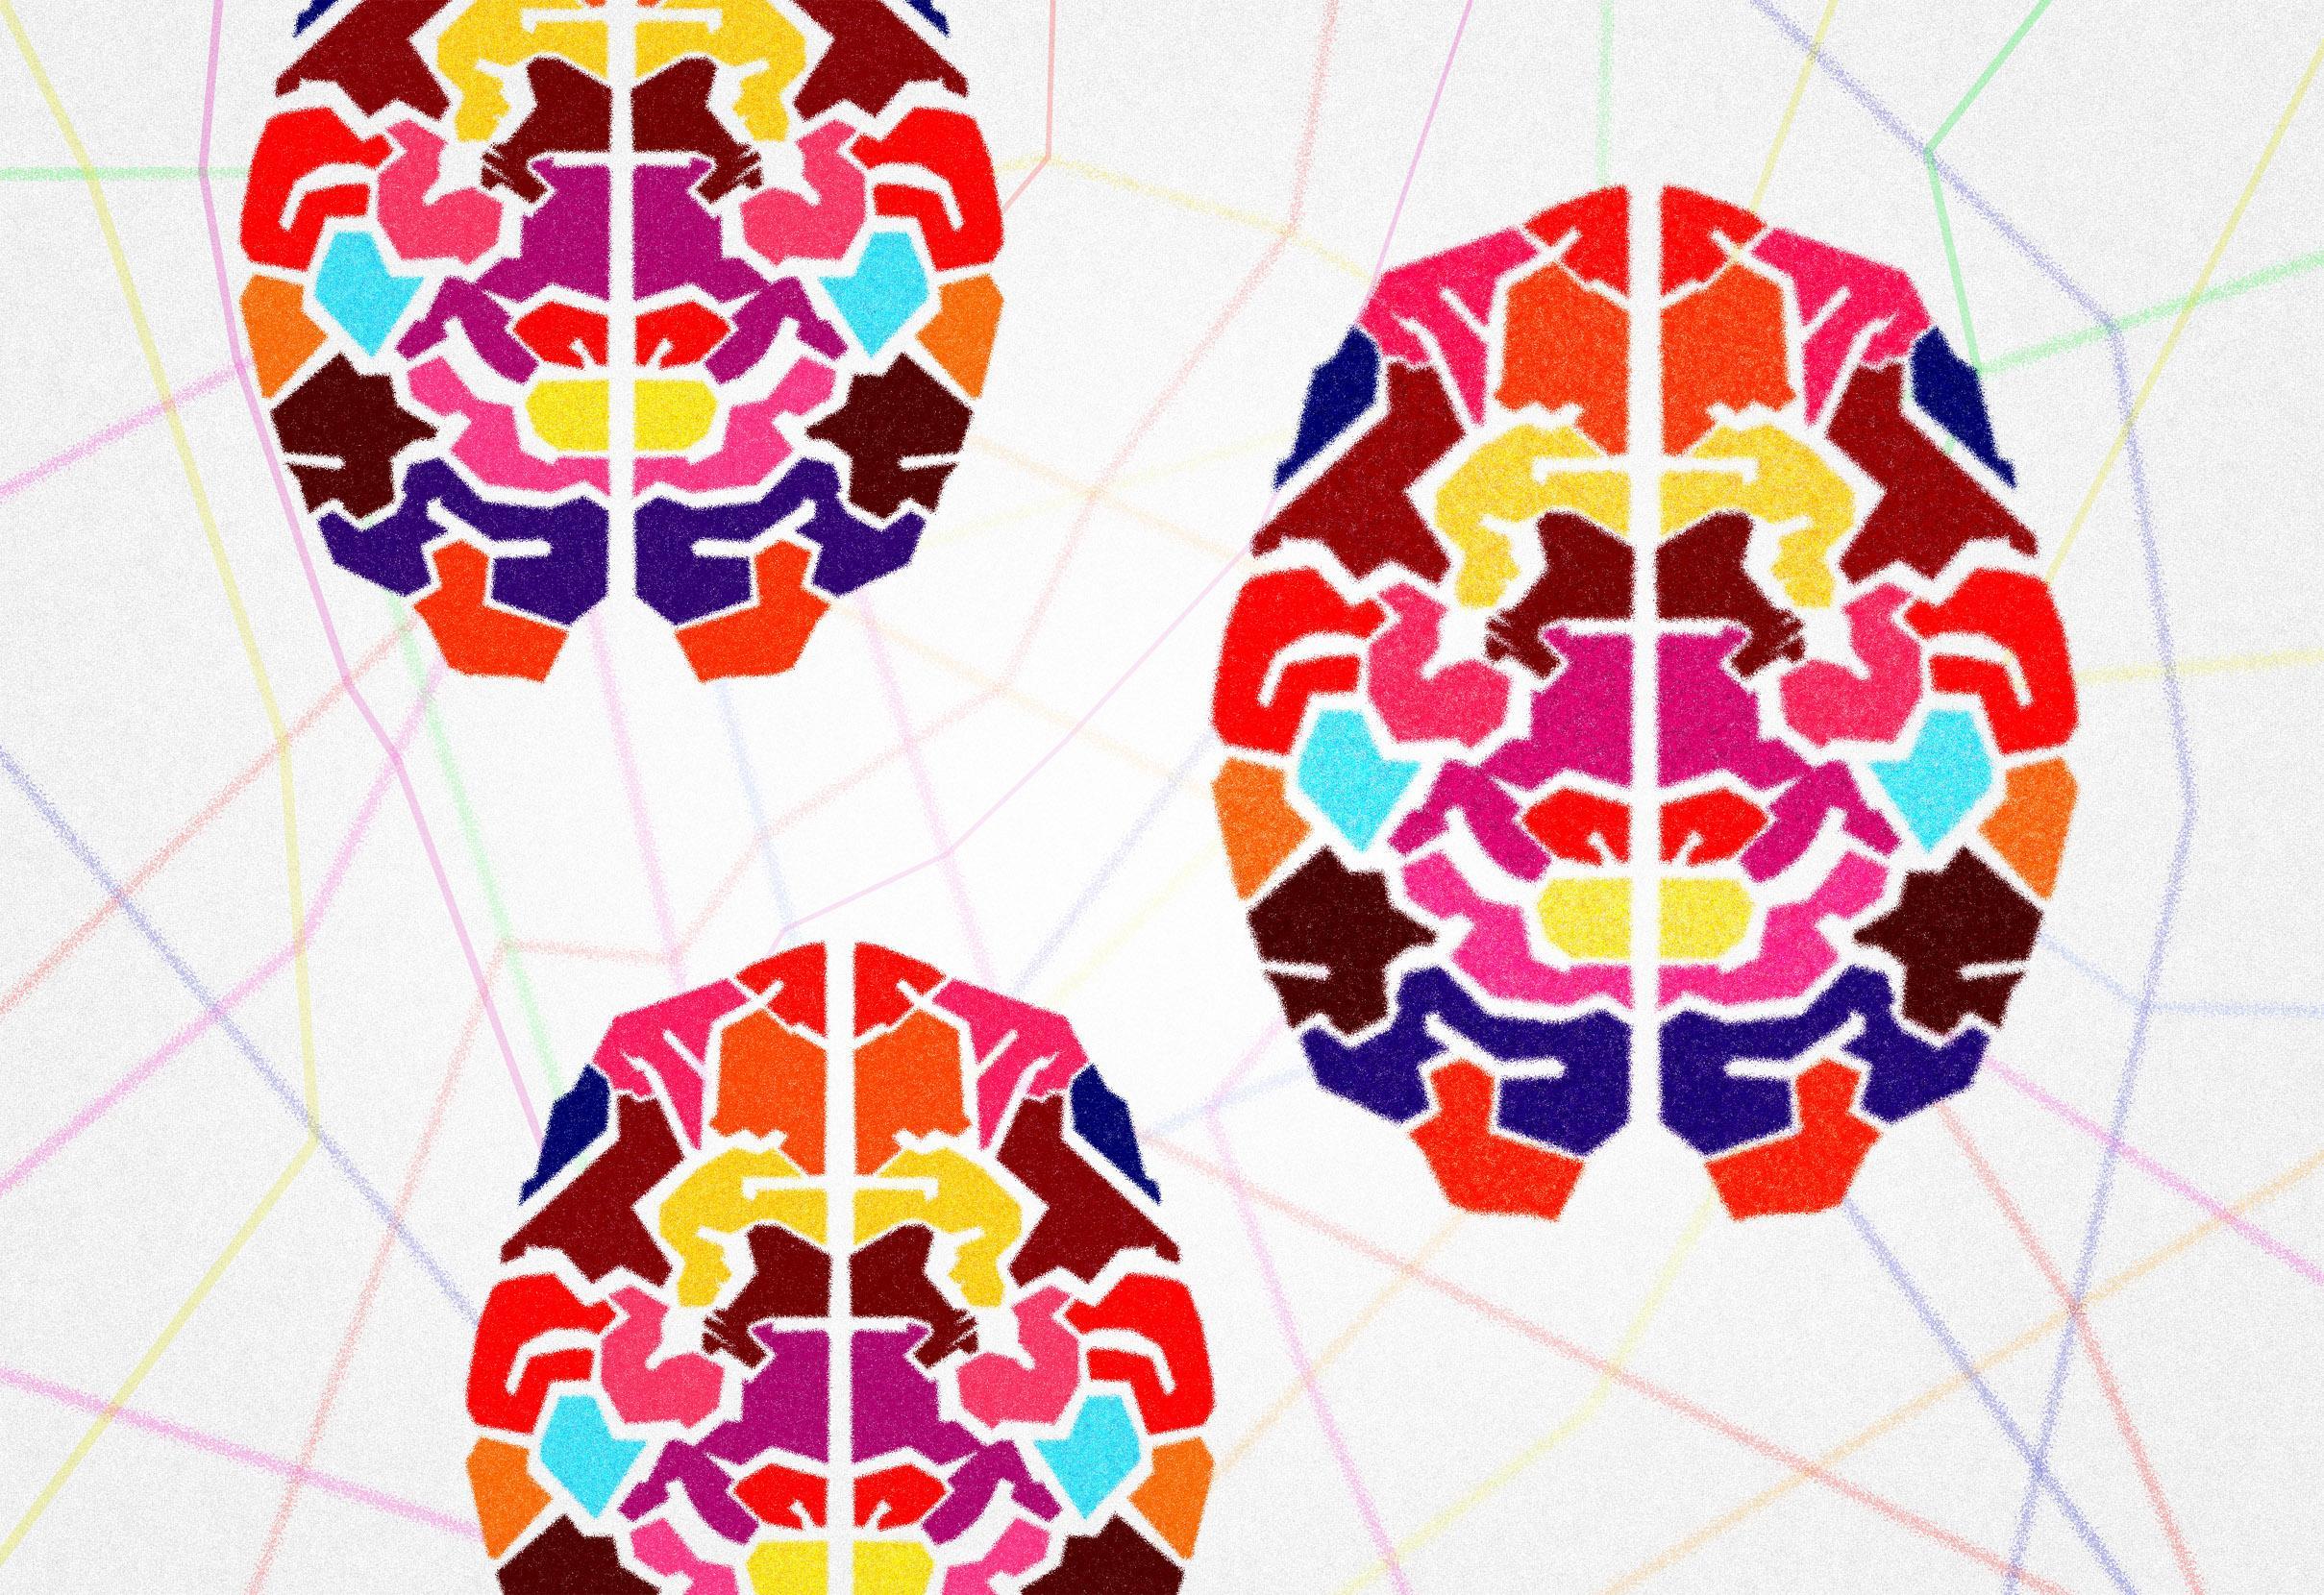 Математическое моделирование поможет в терапии после инсульта